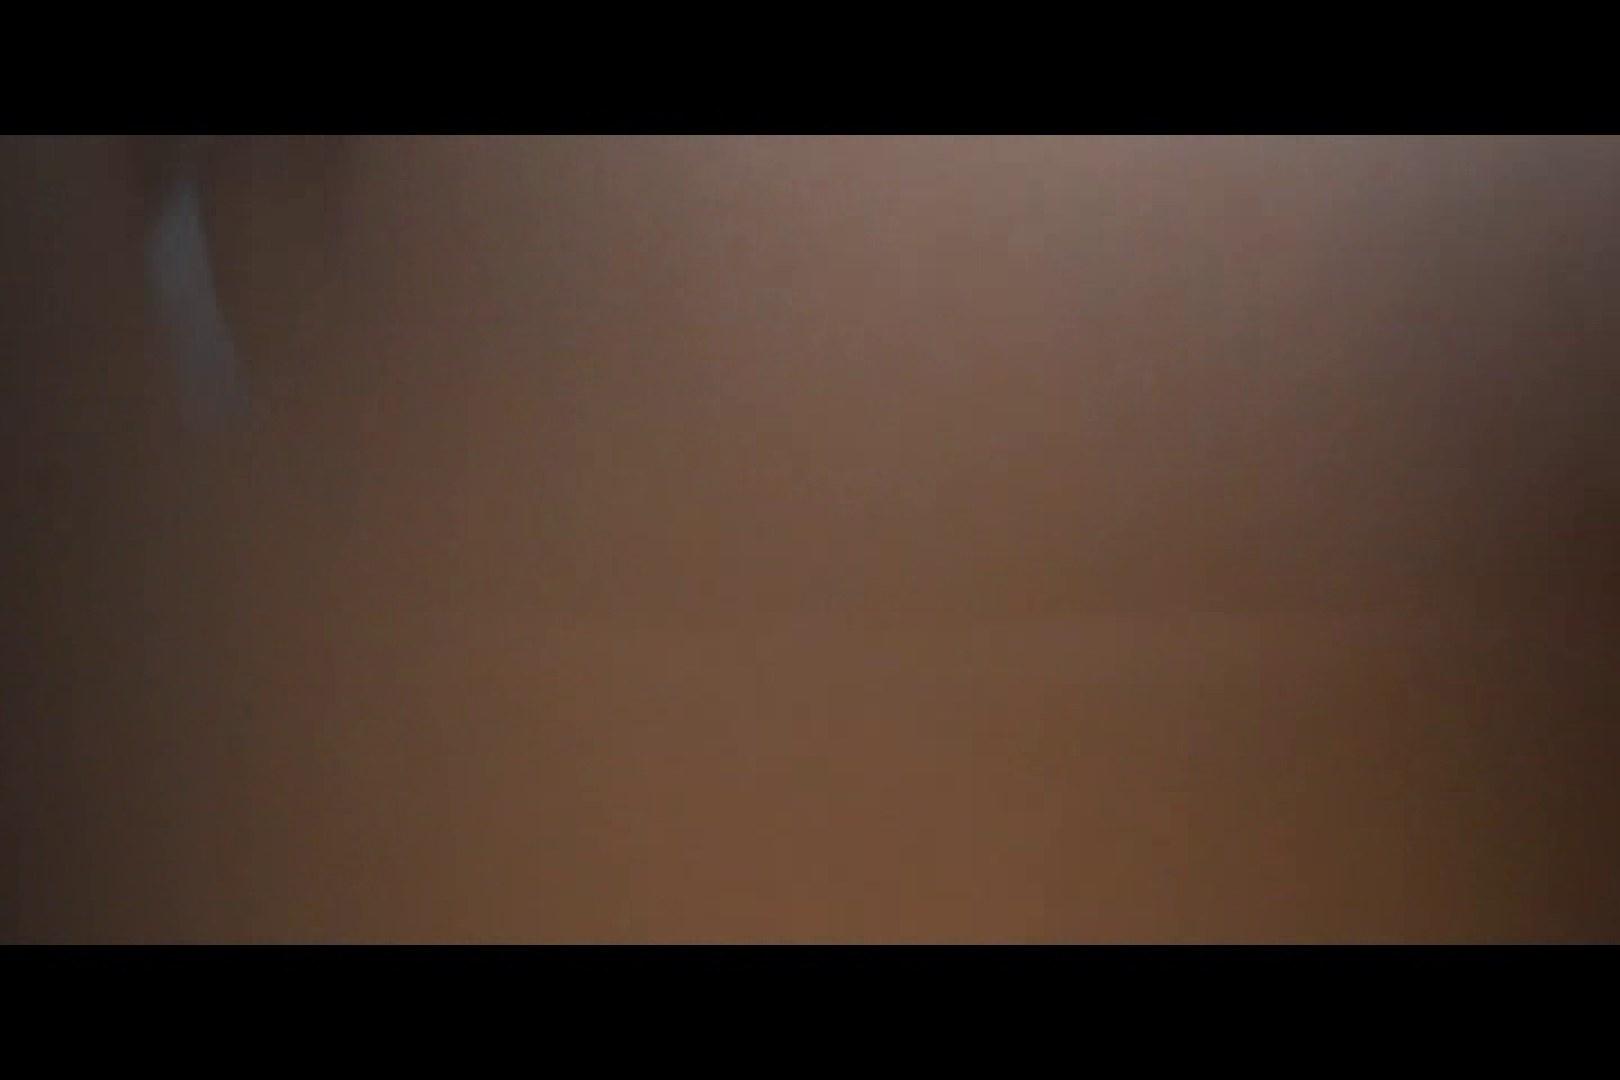 独占配信!無修正! 看護女子寮 vol.08 ナースのエロ動画 ヌード画像 113PIX 82